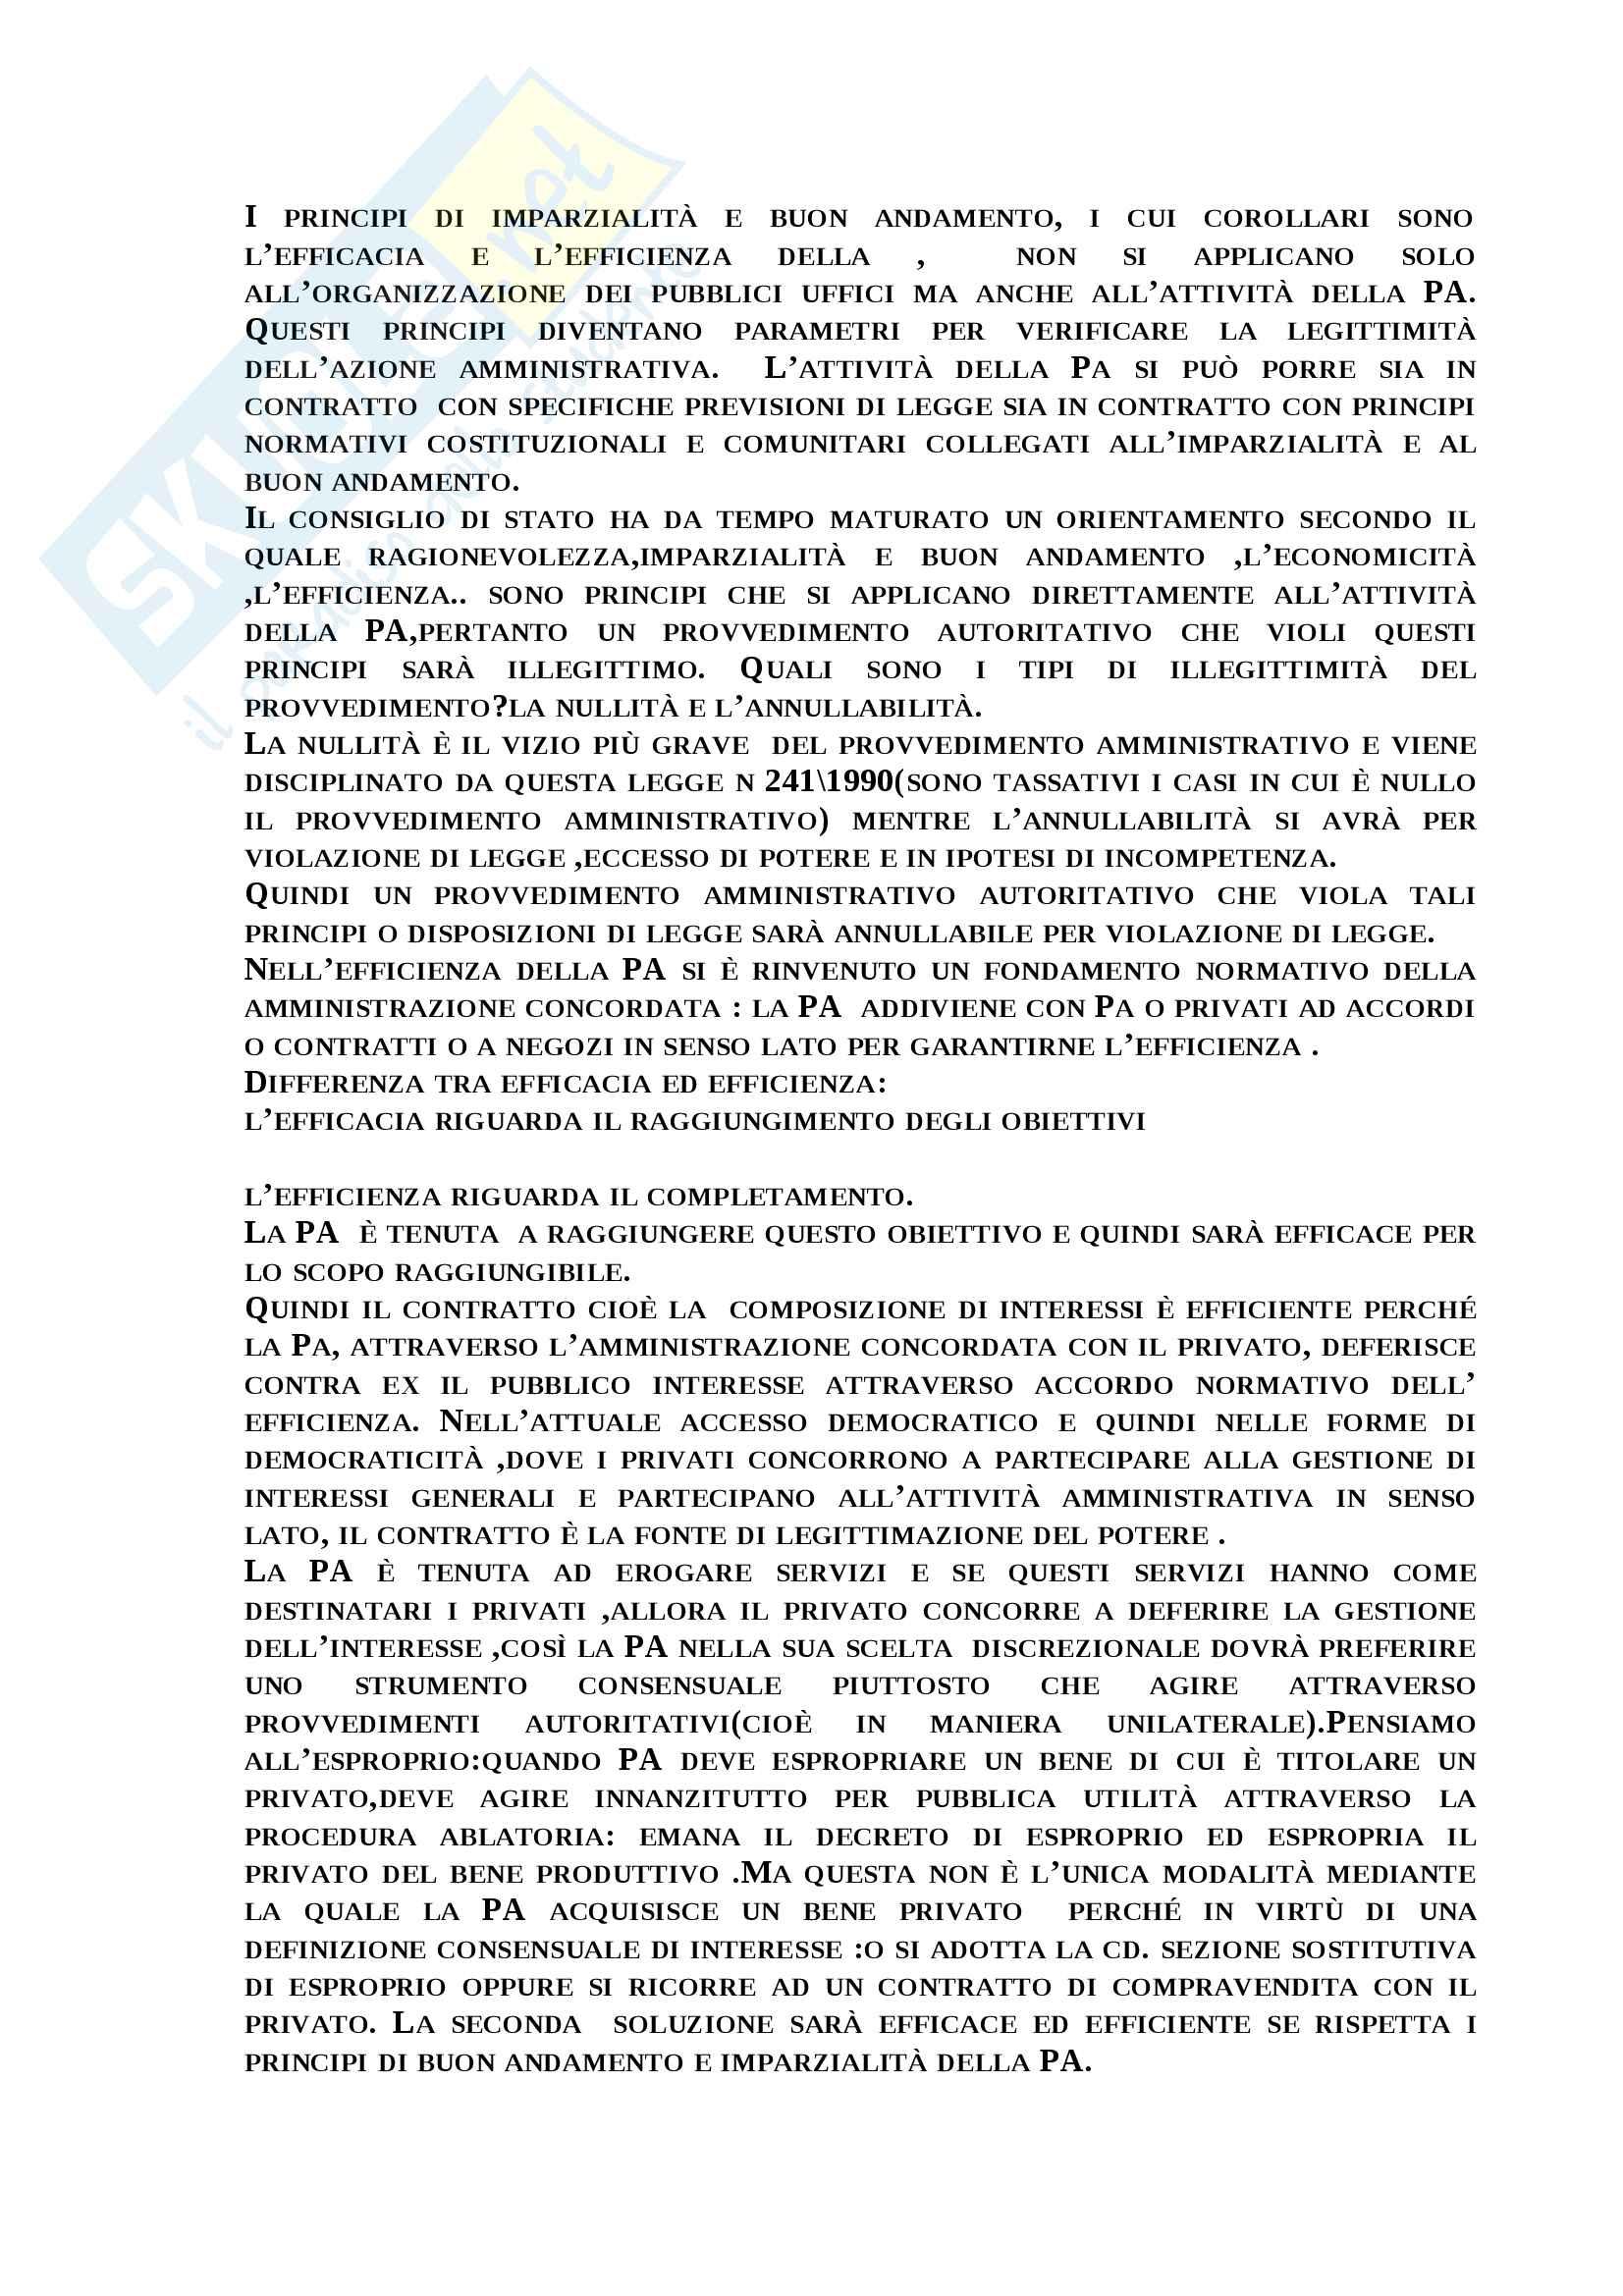 Atti autoritativi - atti non autoritativi PA Pag. 2